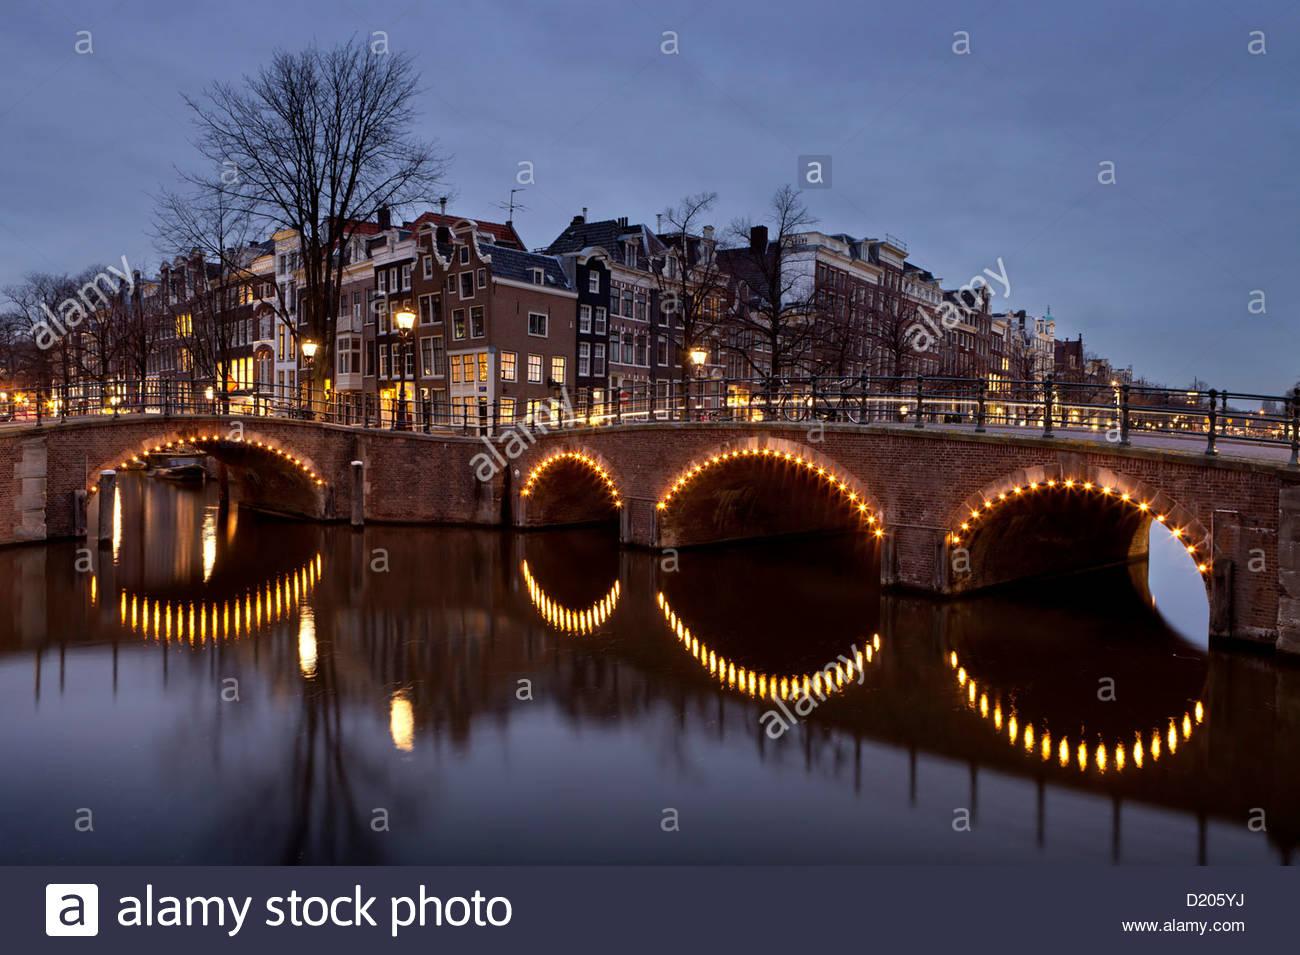 Sieben Brücken, die Konvergenz der Keizersgracht und Reguliersgracht Grachten, Amsterdam, Niederlande Stockbild